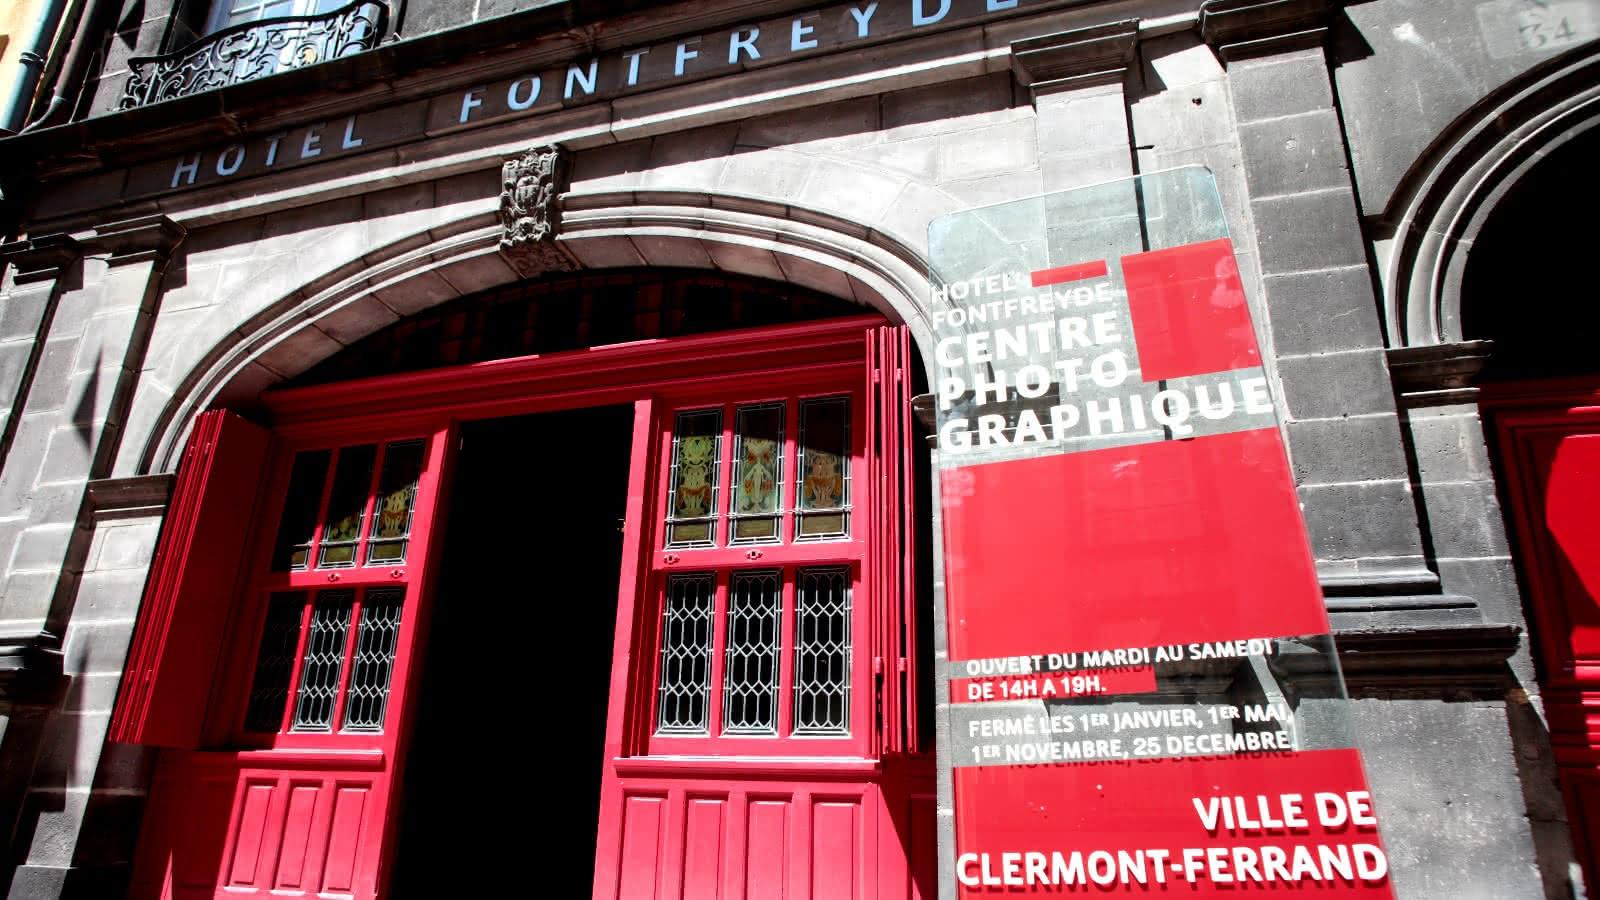 Hôtel Fontfreyde : visites commentées